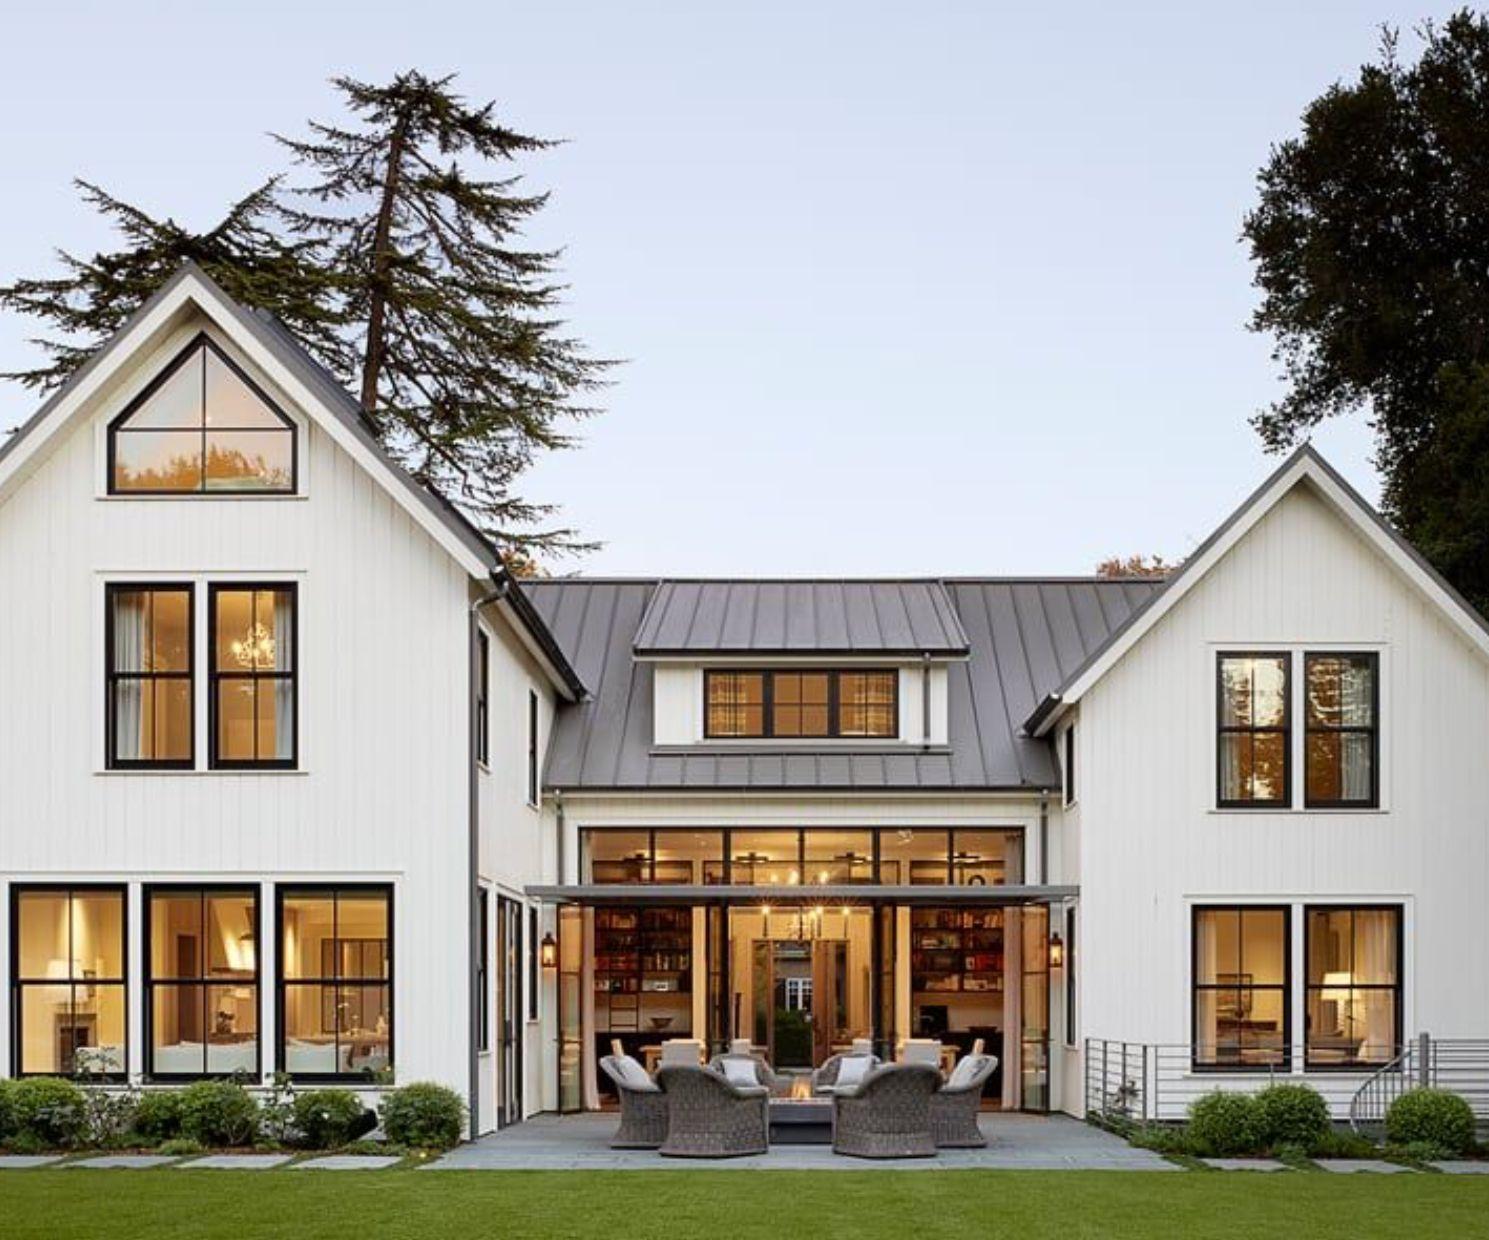 Black Trim For Windows White Modern Farmhouse Modern Farmhouse Exterior Dream House Exterior Farmhouse Exterior